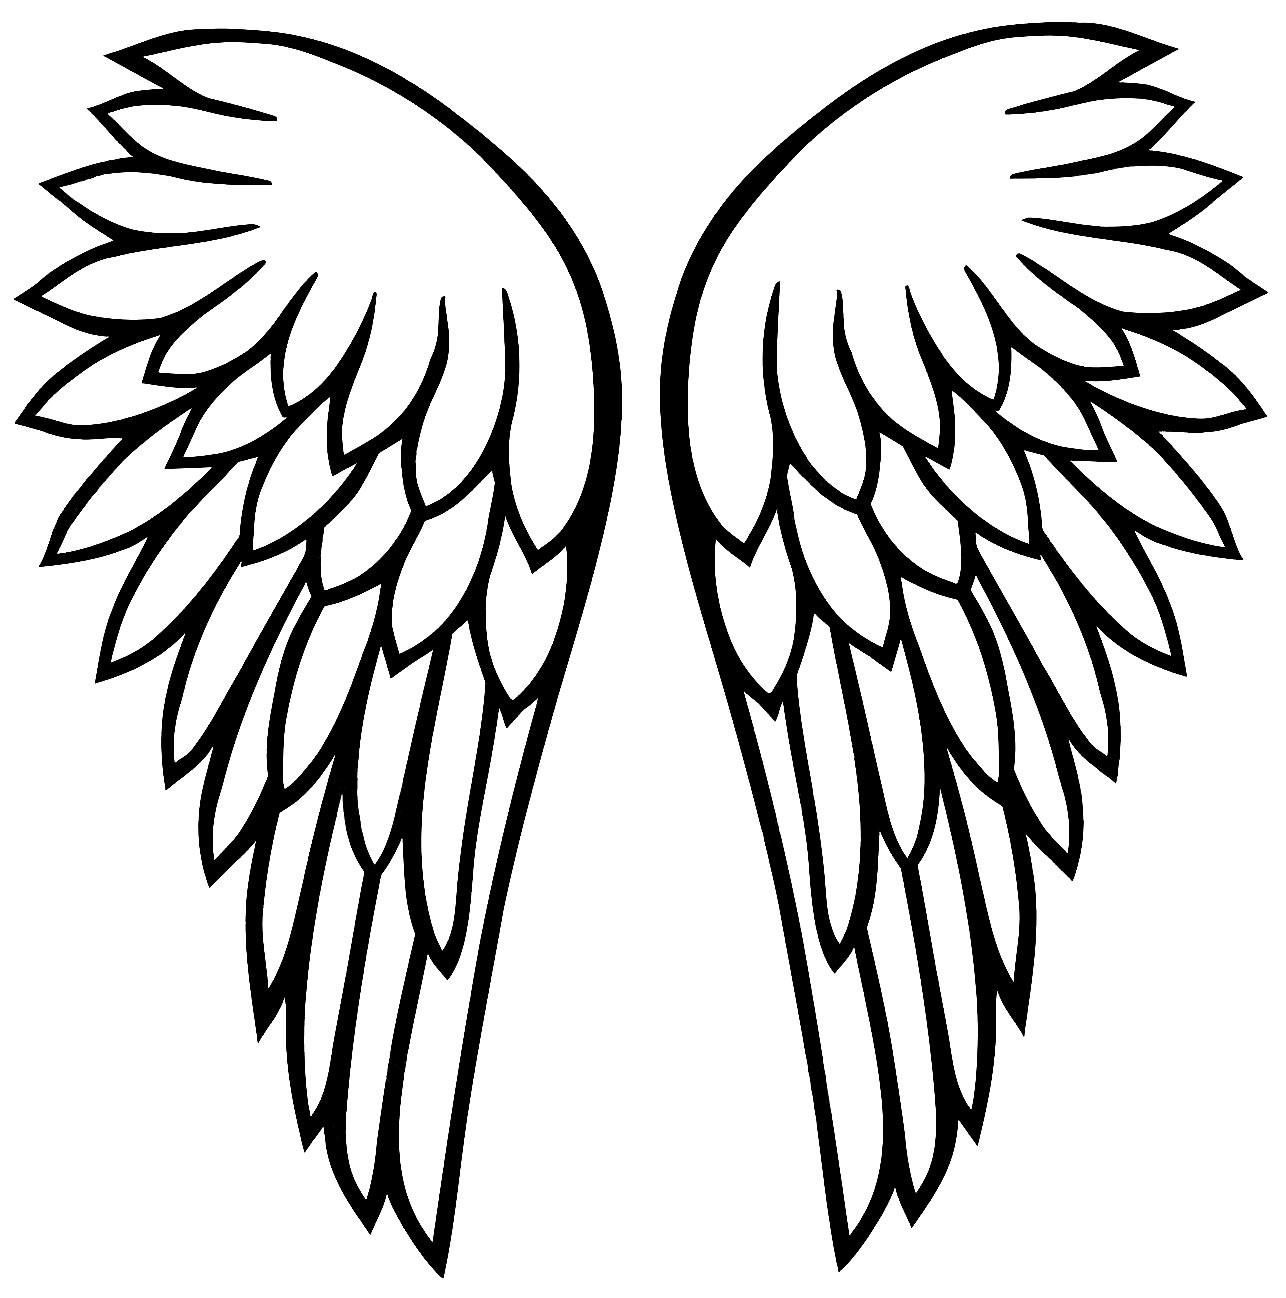 Moules d'aile d'ange